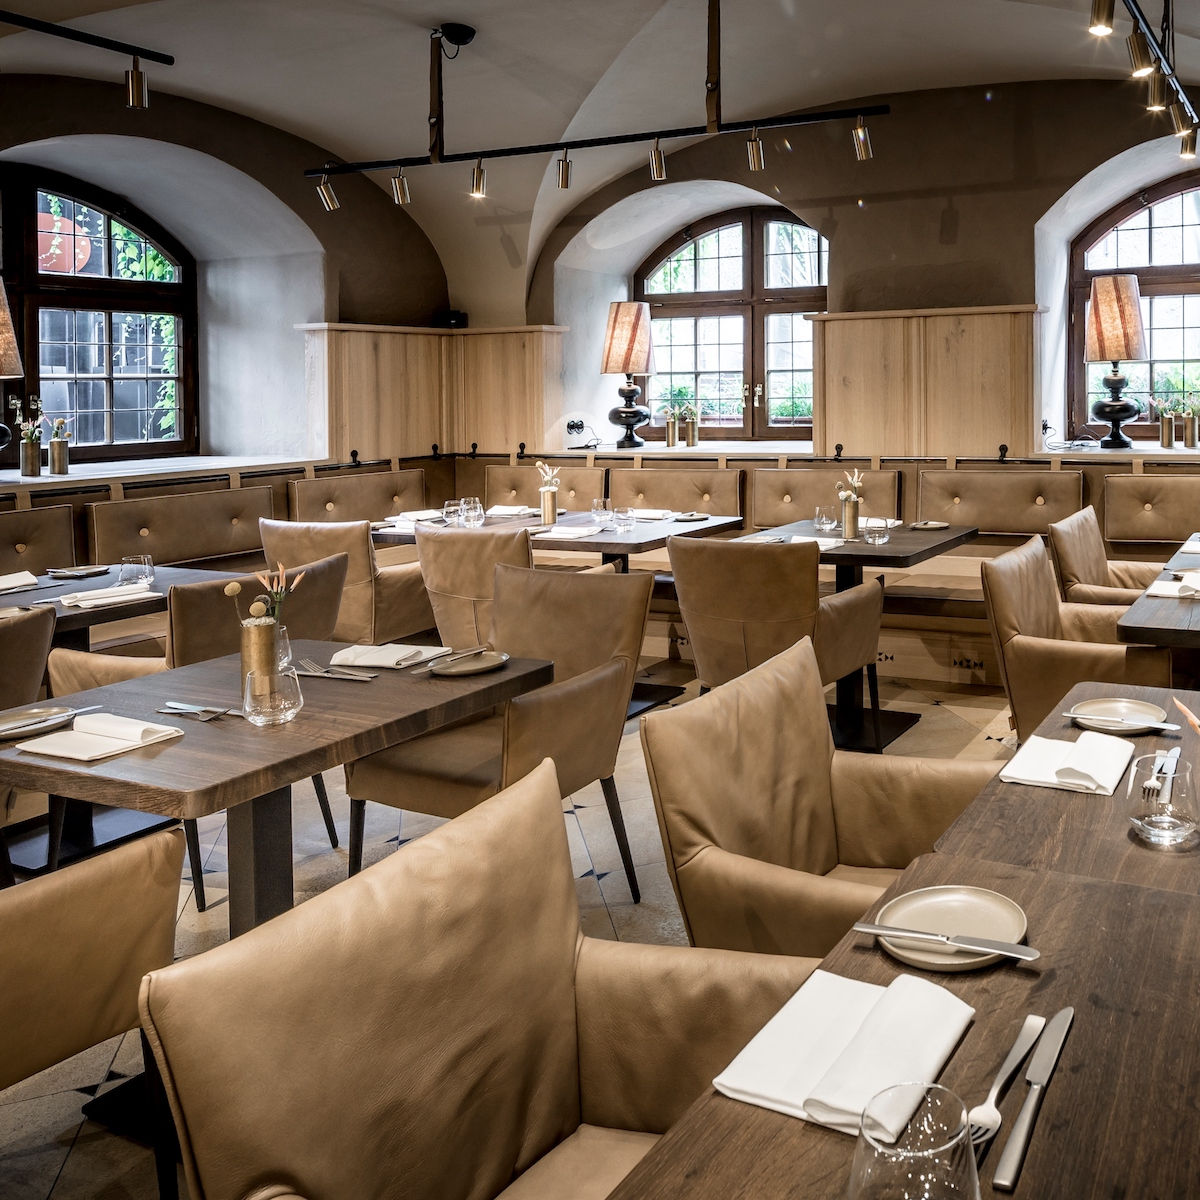 Restaurant Pfistermühle München Altstadt Interieur nach Umbau